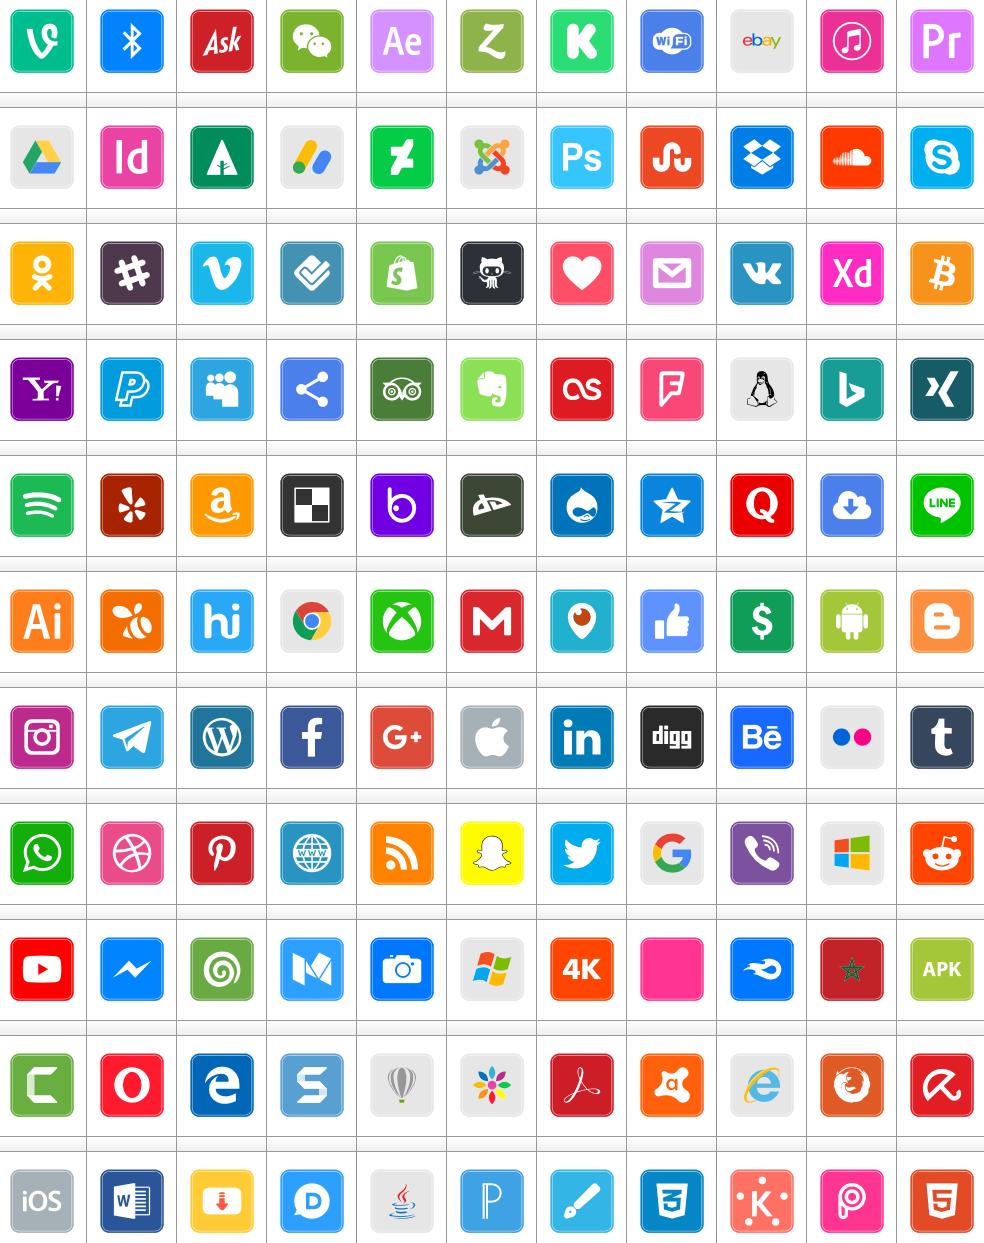 Download Font Icons Social Media 7 Color #font #color ttf otf 120 #icons elharrak #fonts new 2019